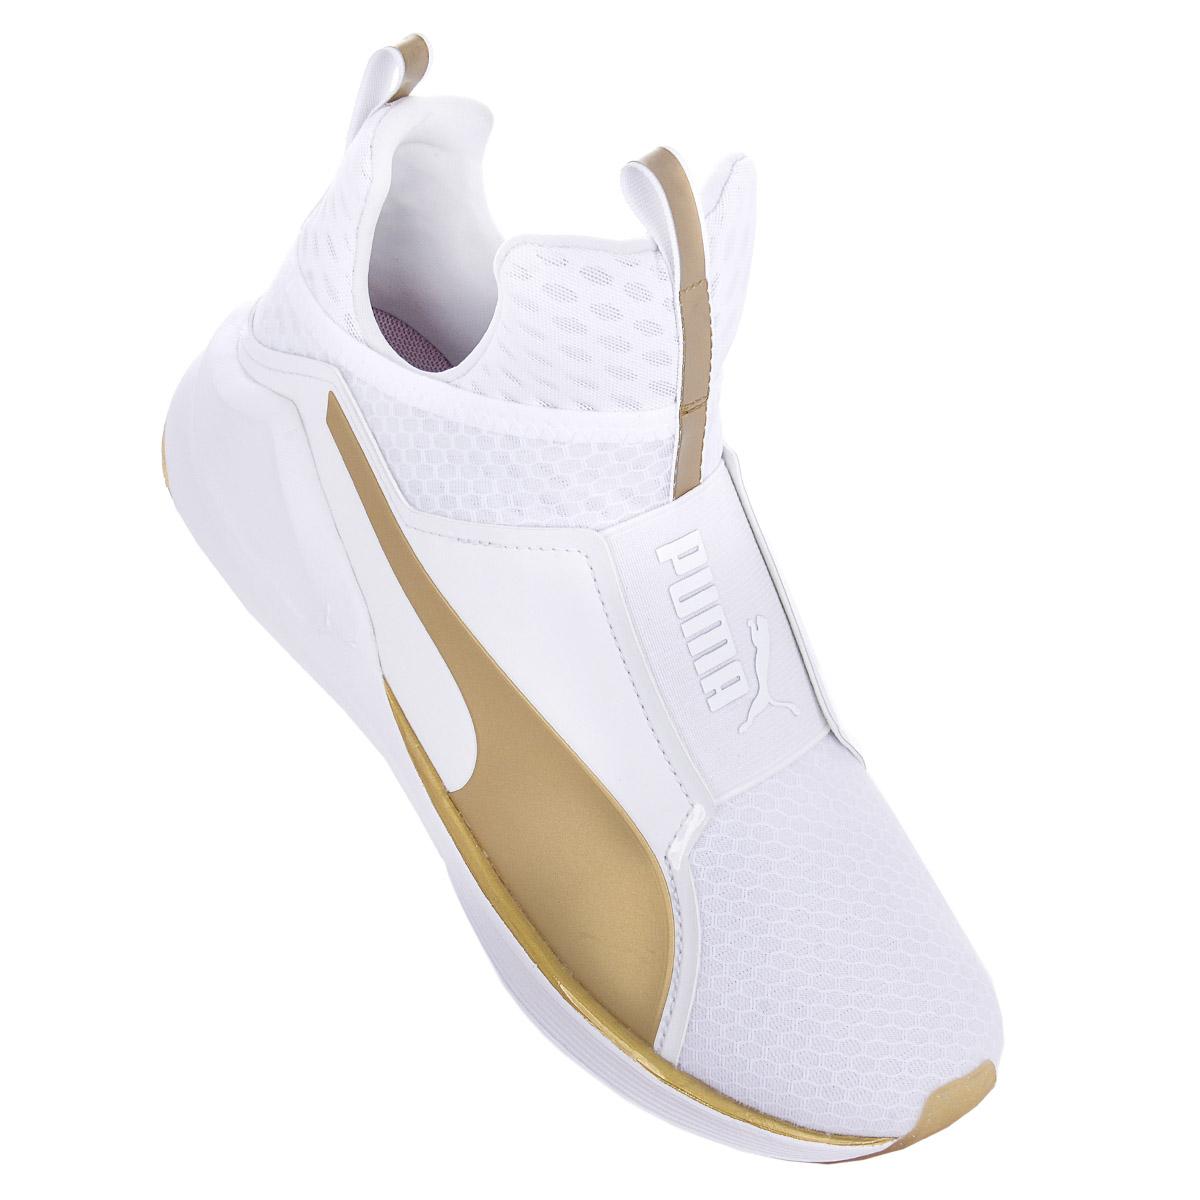 NEU Puma Fierce Gold Damen Schuhe Weiß 189192-01 SBLE